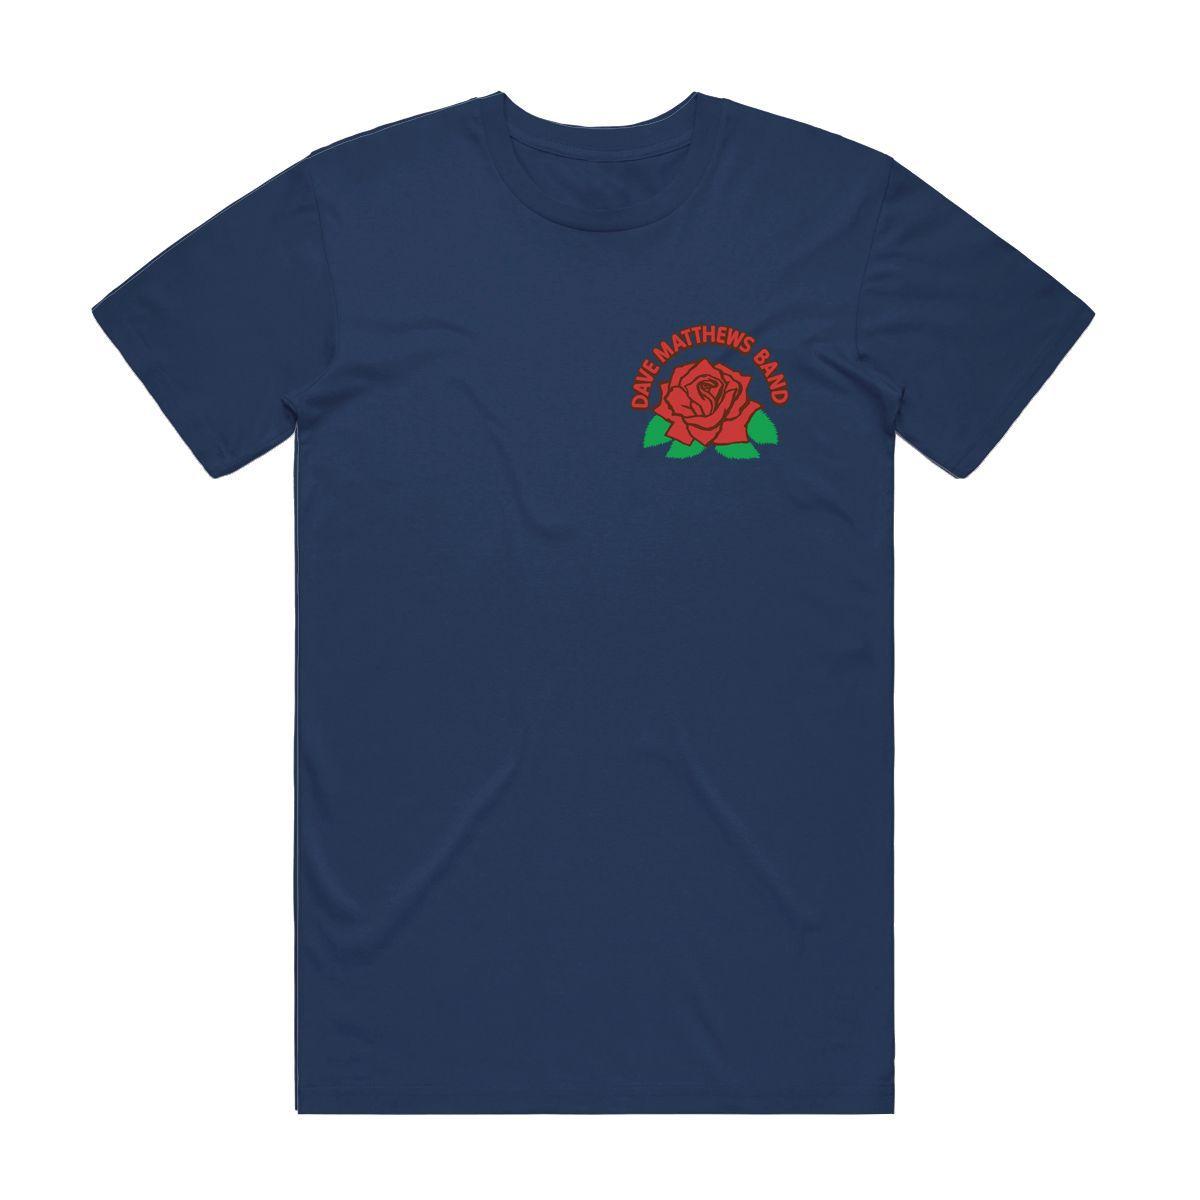 DMB Rose Tee - Navy